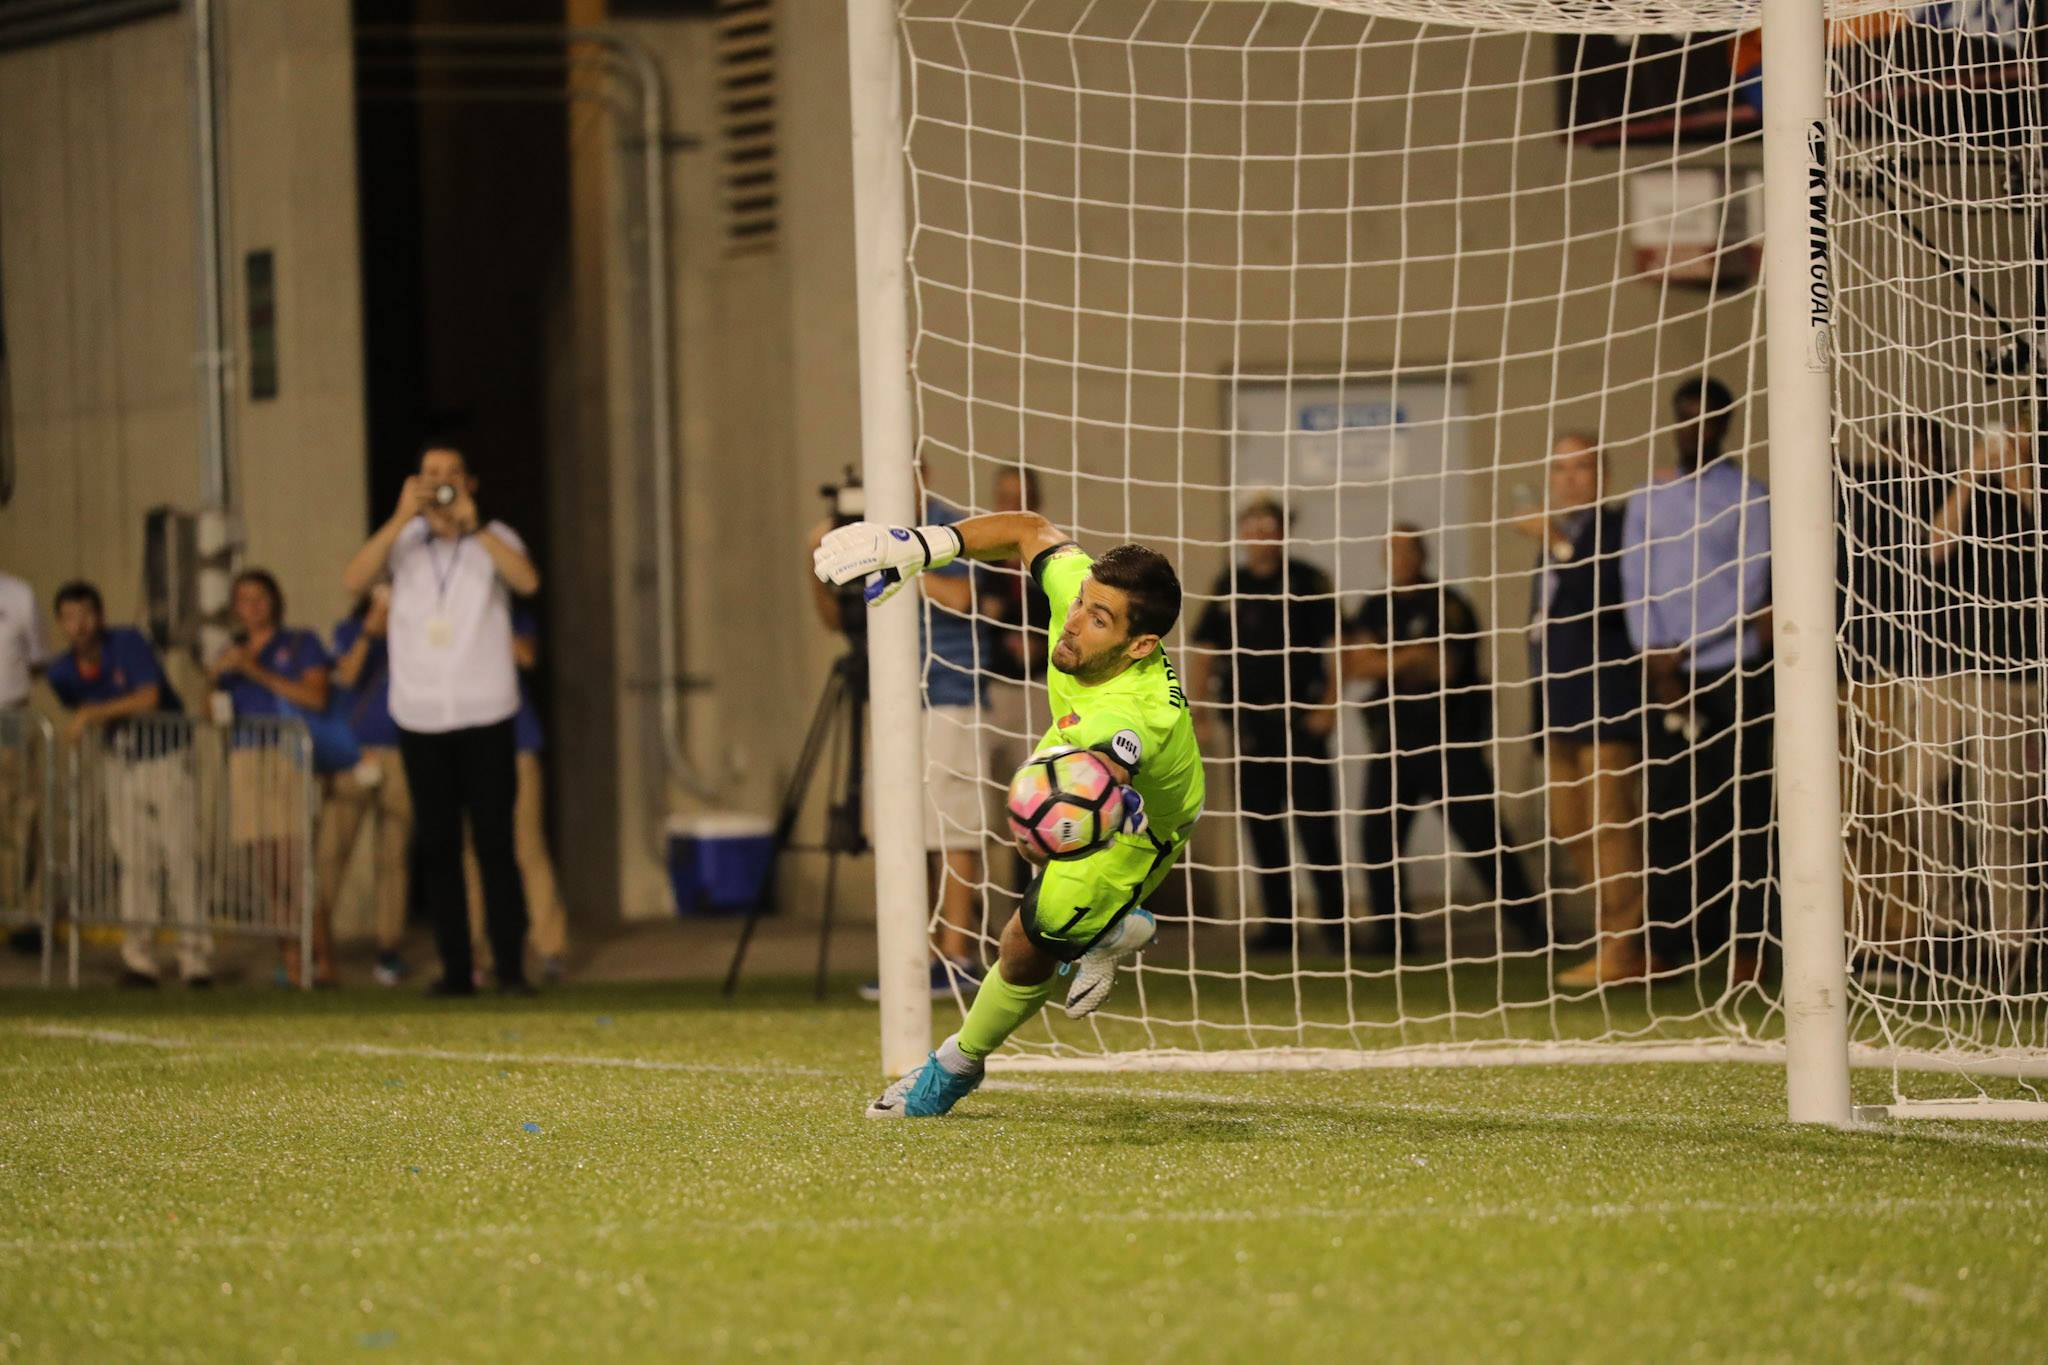 FC Cincinnati goalkeeper Mitch Hildebrand